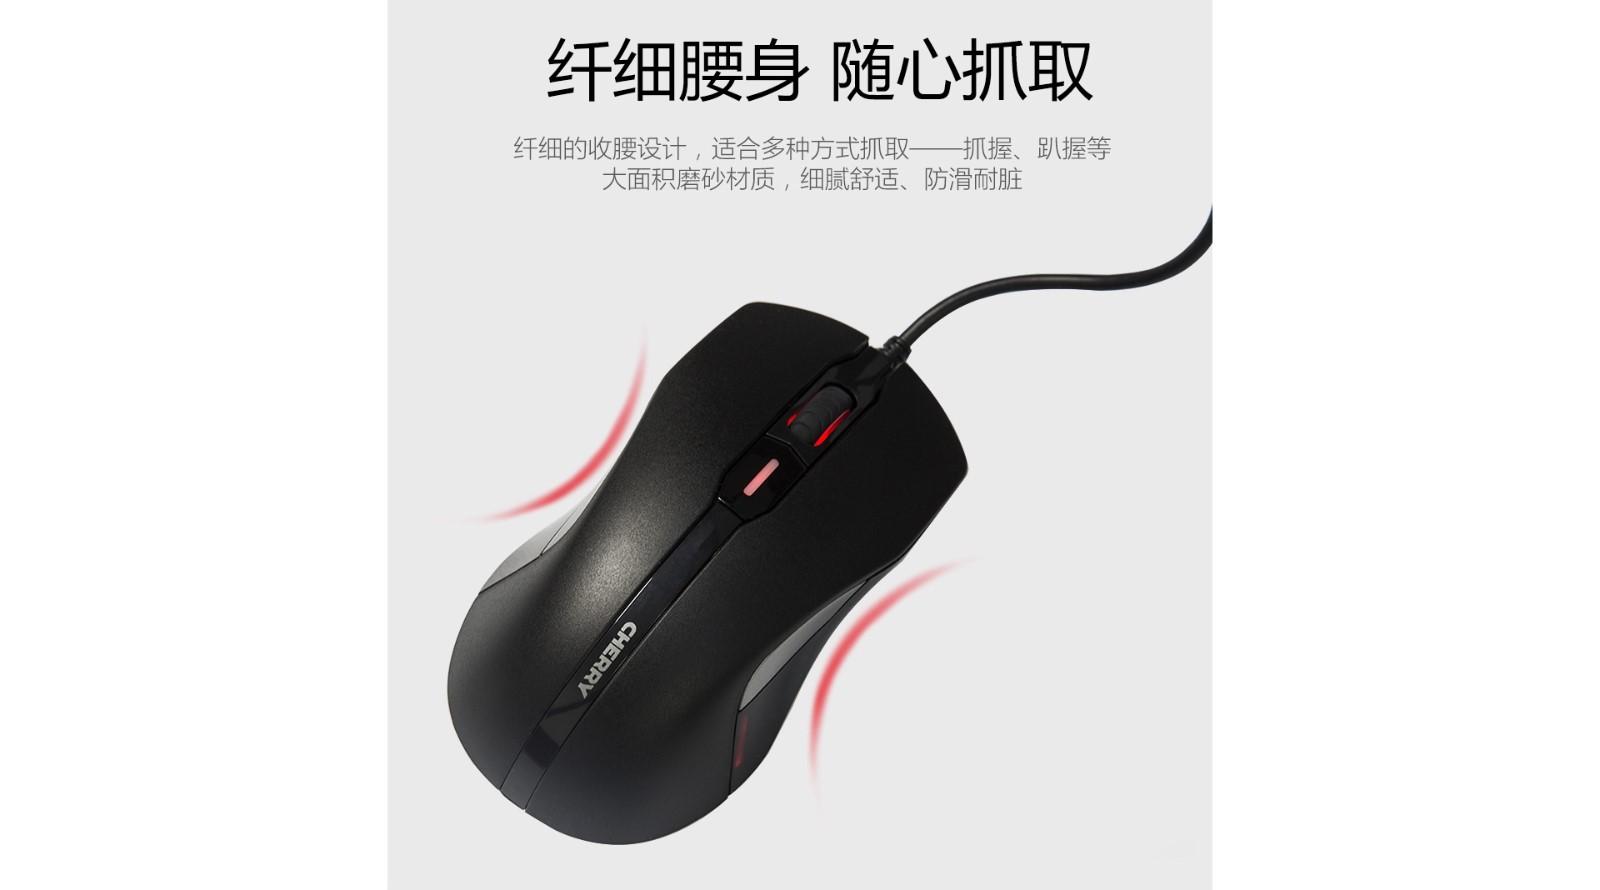 MC4000鼠标详情页2.jpg